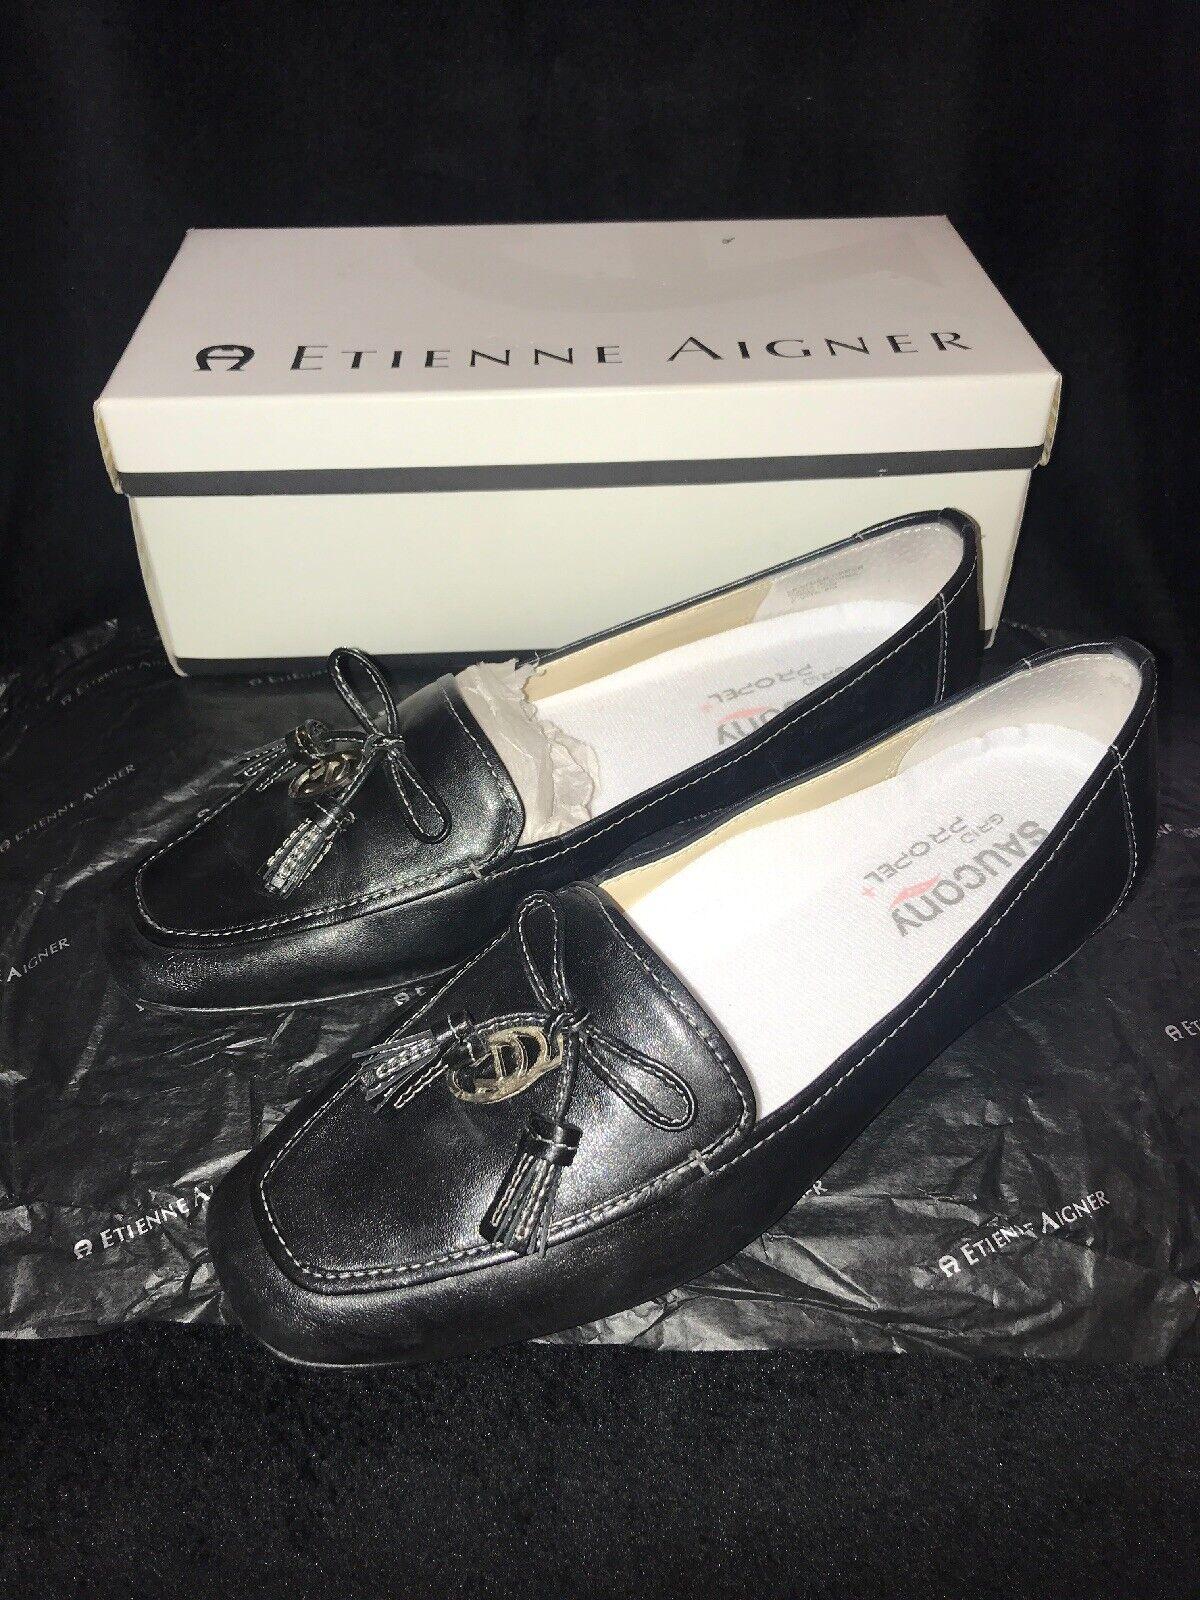 Etienne aigner, cuero negro, zapatos recreativos, talla 8m, fluidos raros y únicos.